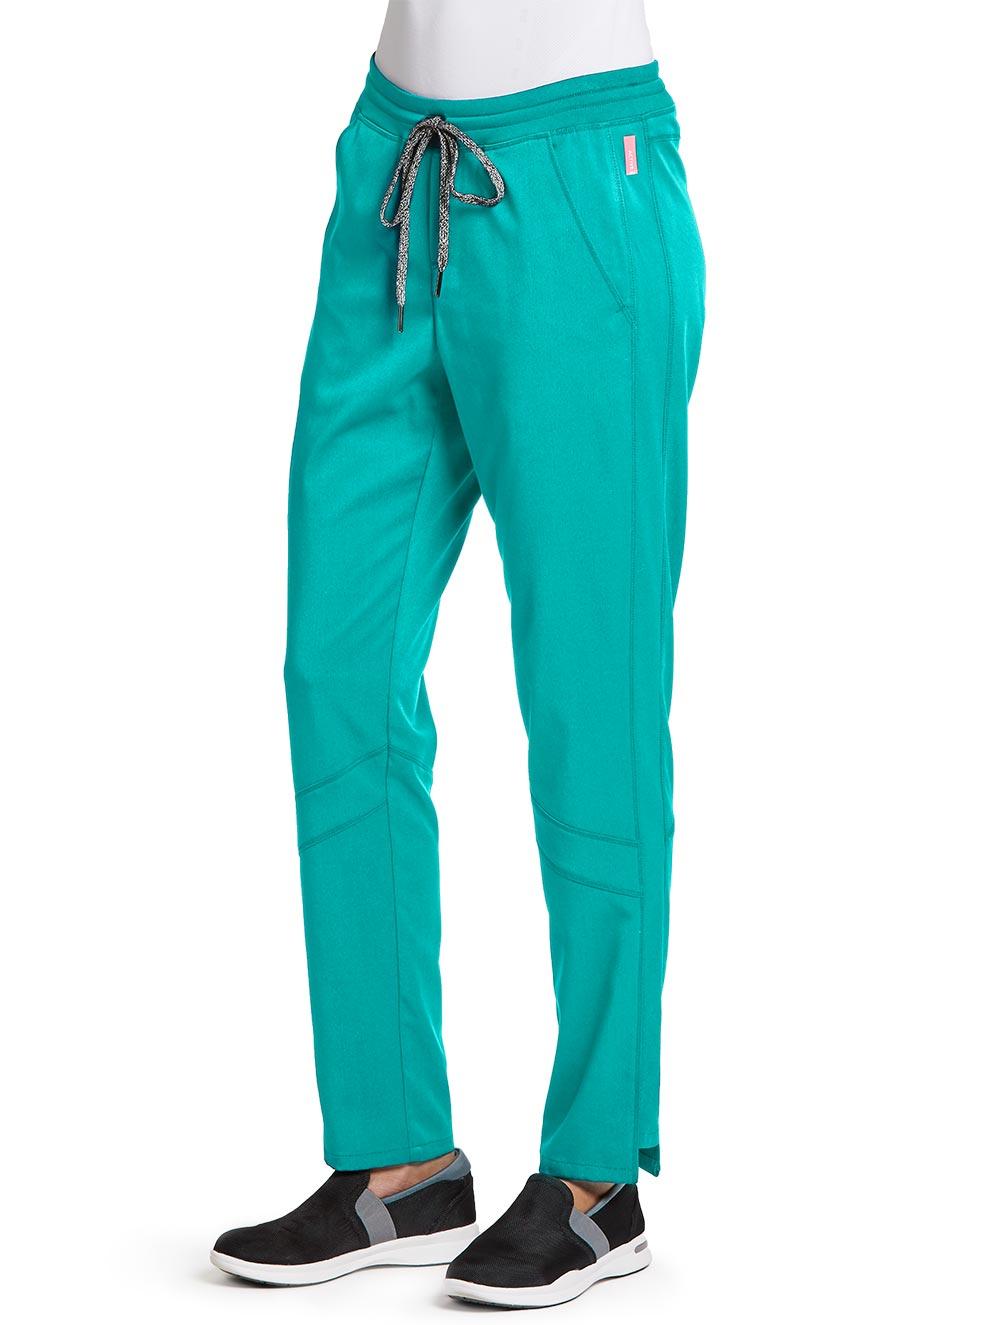 'Grey's Anatomy Spandex Stretch' Knit Waist Midrise Cargo Pant